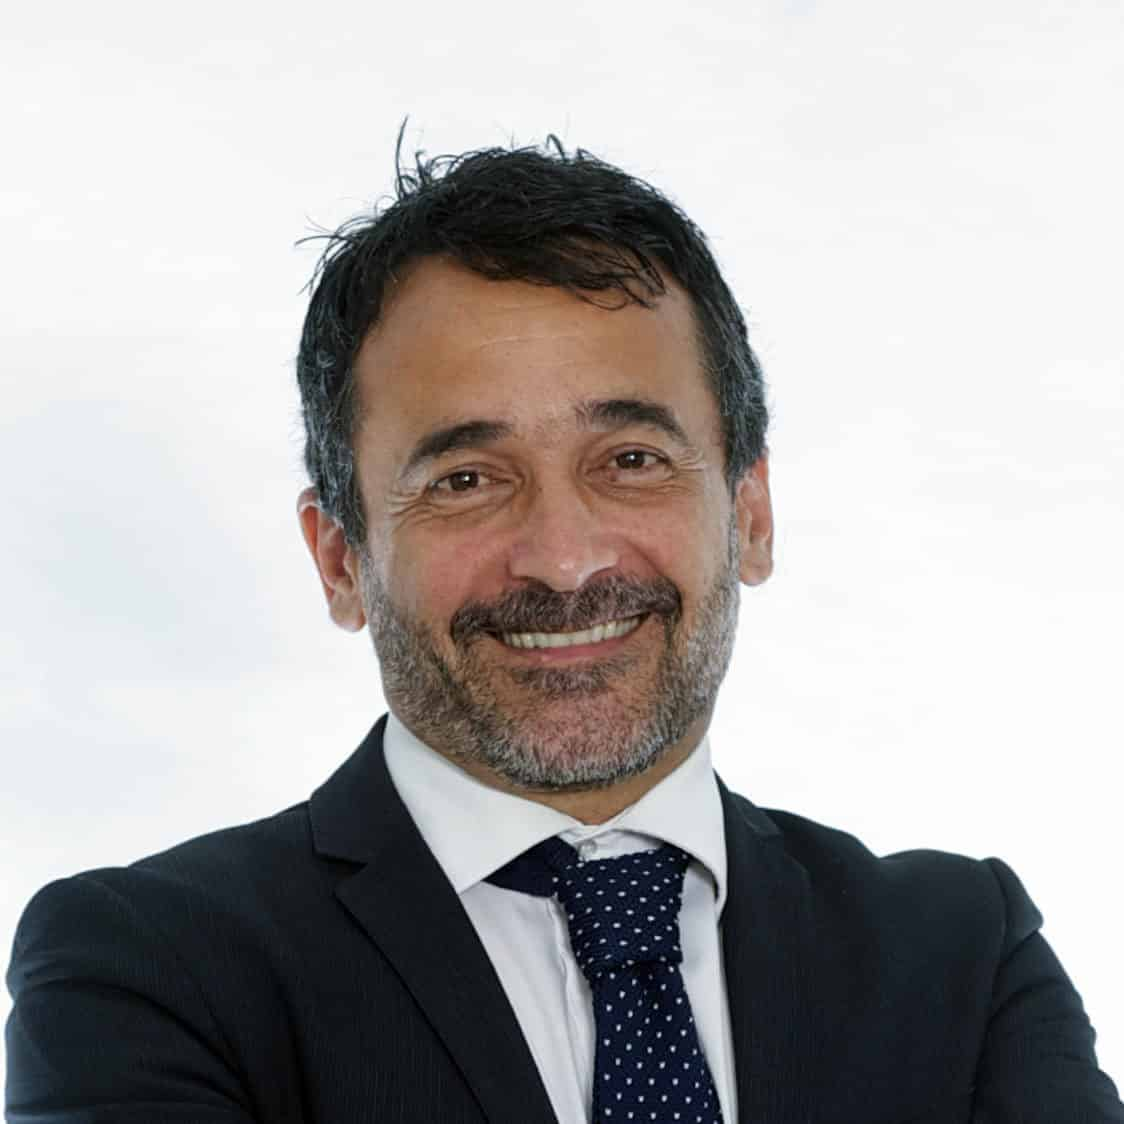 Roberto Mainiero